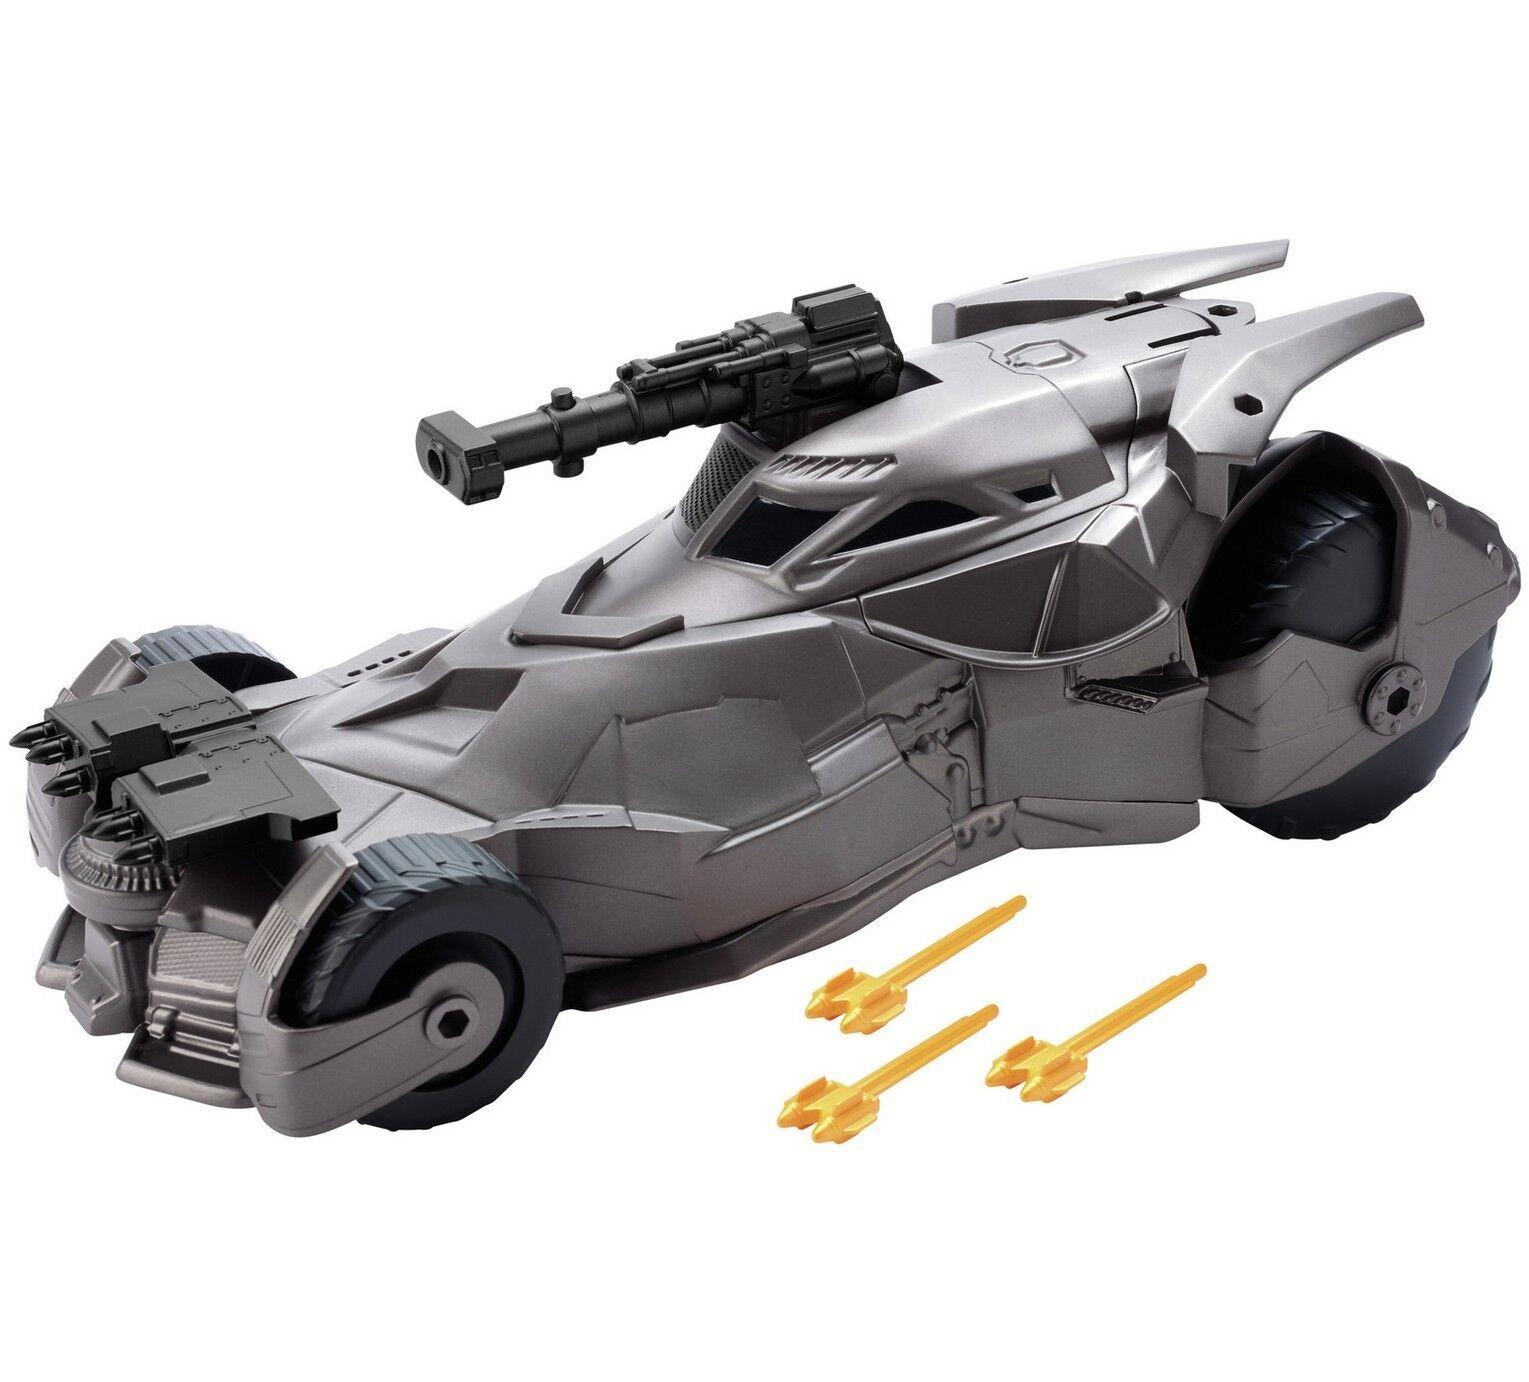 Justice League Mega Cannon Batmobile Action Vehicle Batman